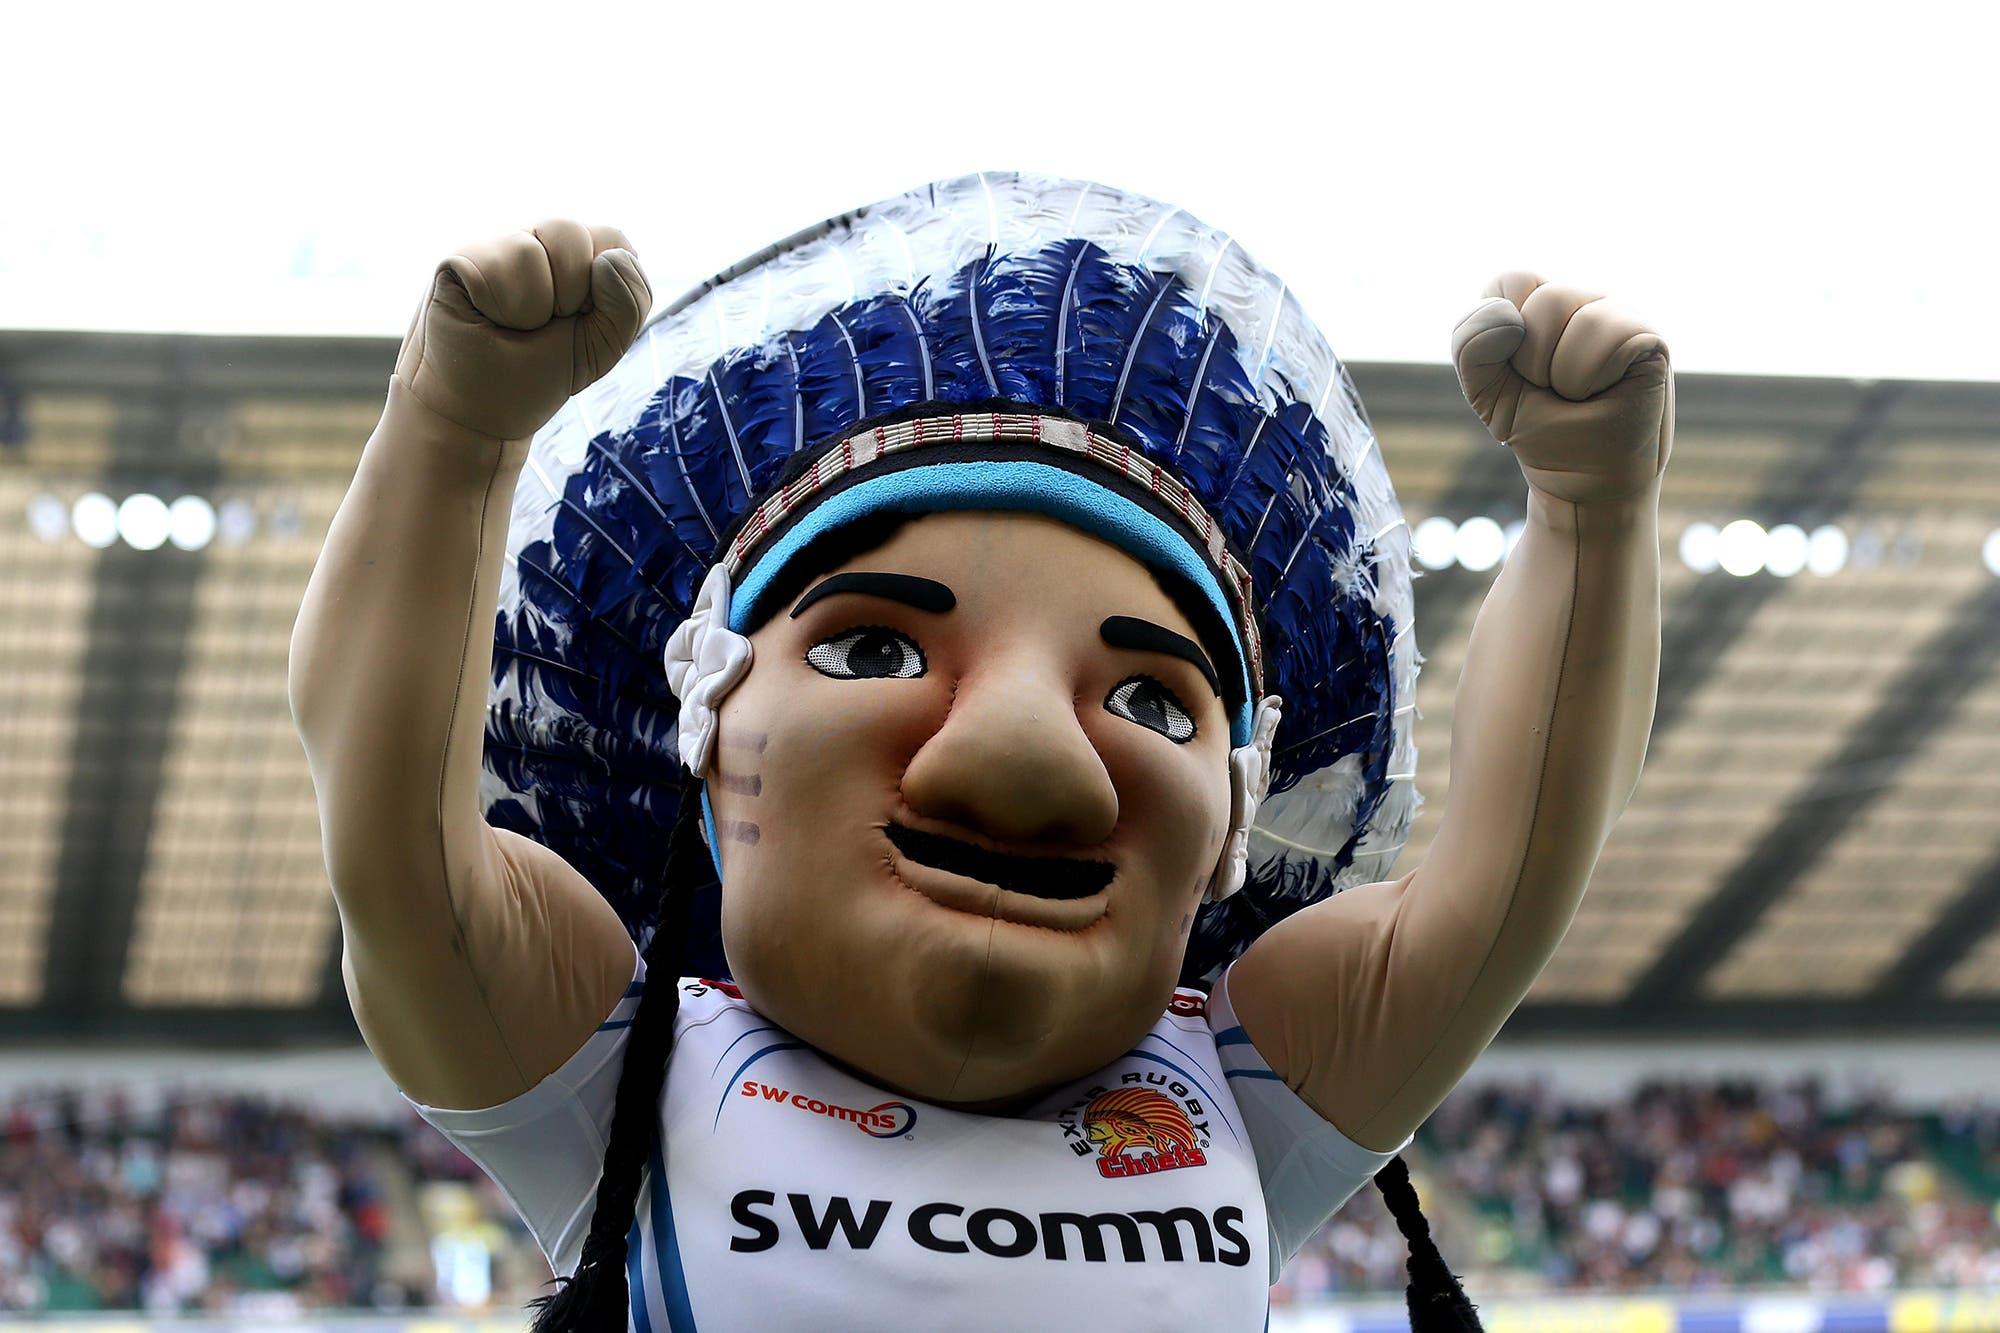 """El club de rugby inglés Exeter Chiefs no cambia su nombre pero retira su mascota porque era """"dañina"""": afectaba la imagen de las tribus indígenas"""